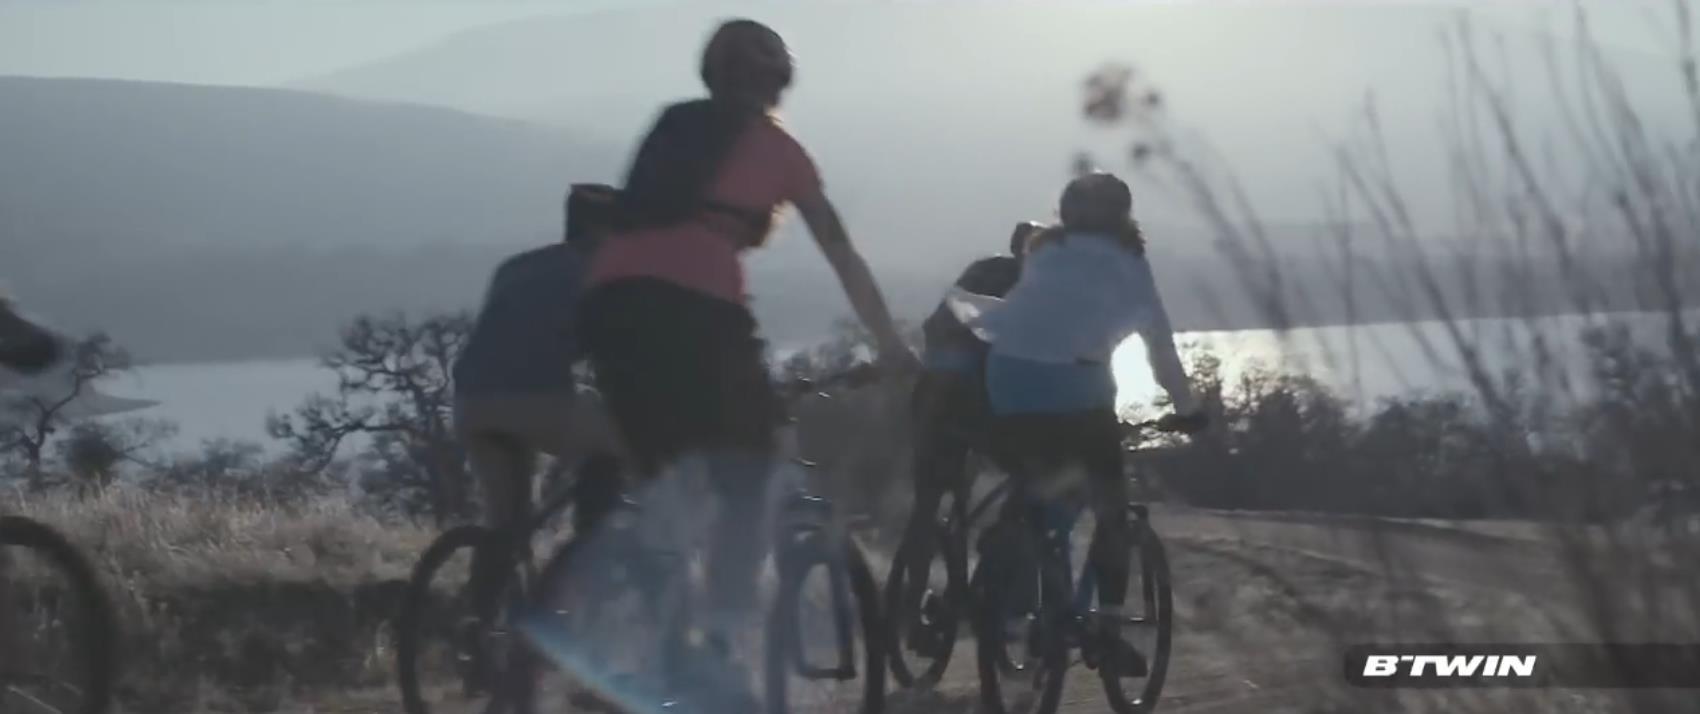 迪卡侬 BTWIN Rockrider 340休闲登山自行车广告.mp4